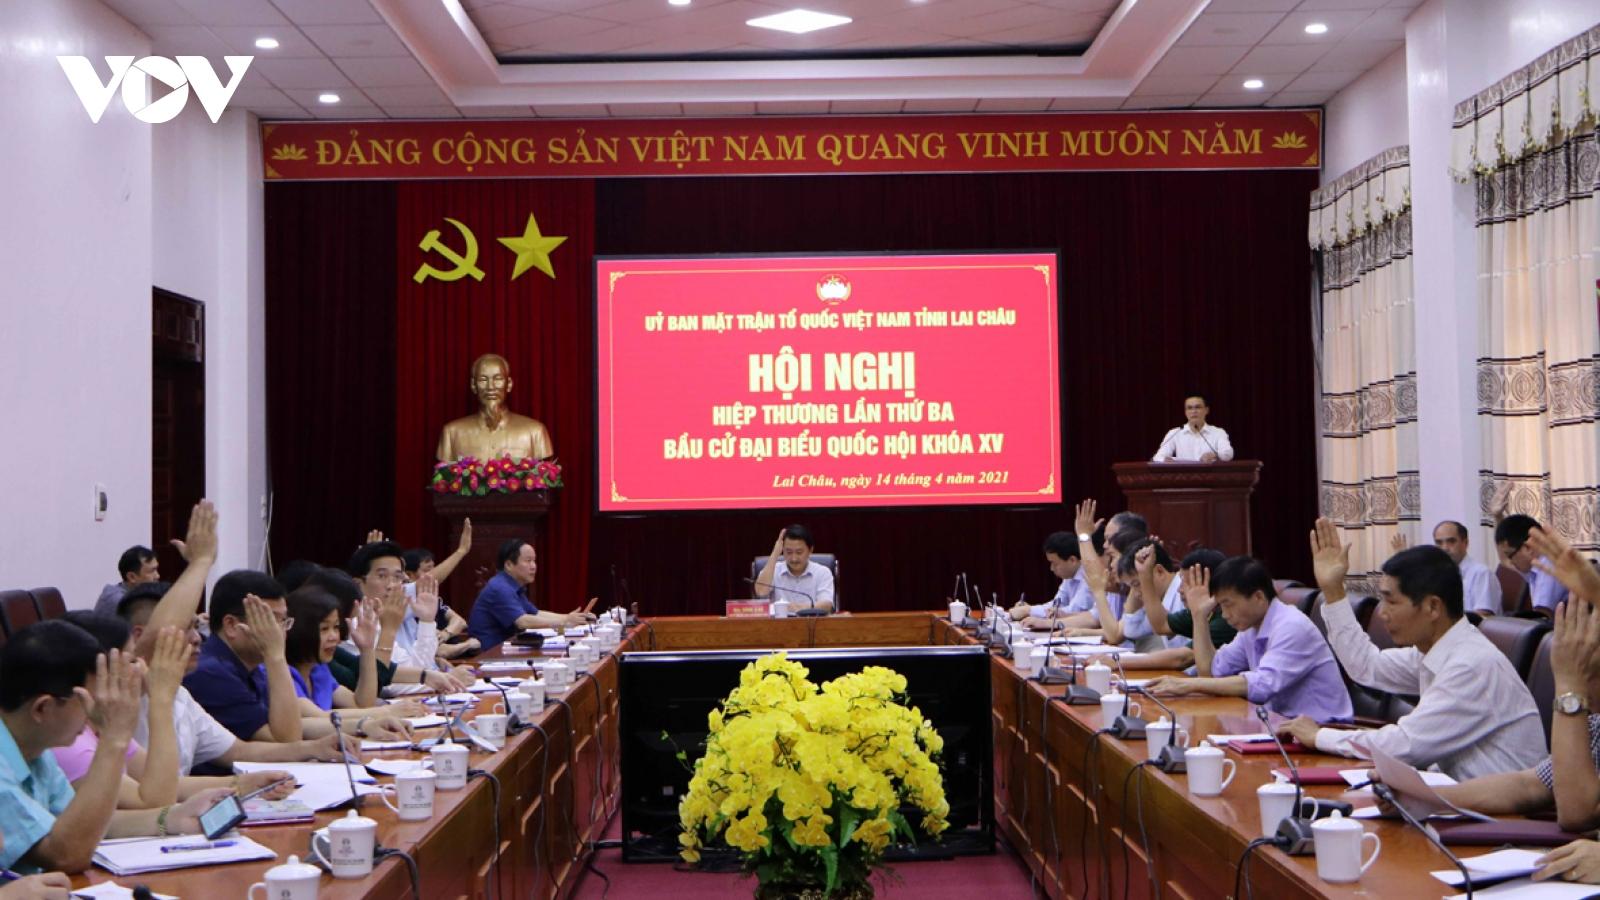 Người ứng cử Đại biểu quốc hội tại Lai Châu 100% là người dân tộc thiểu số